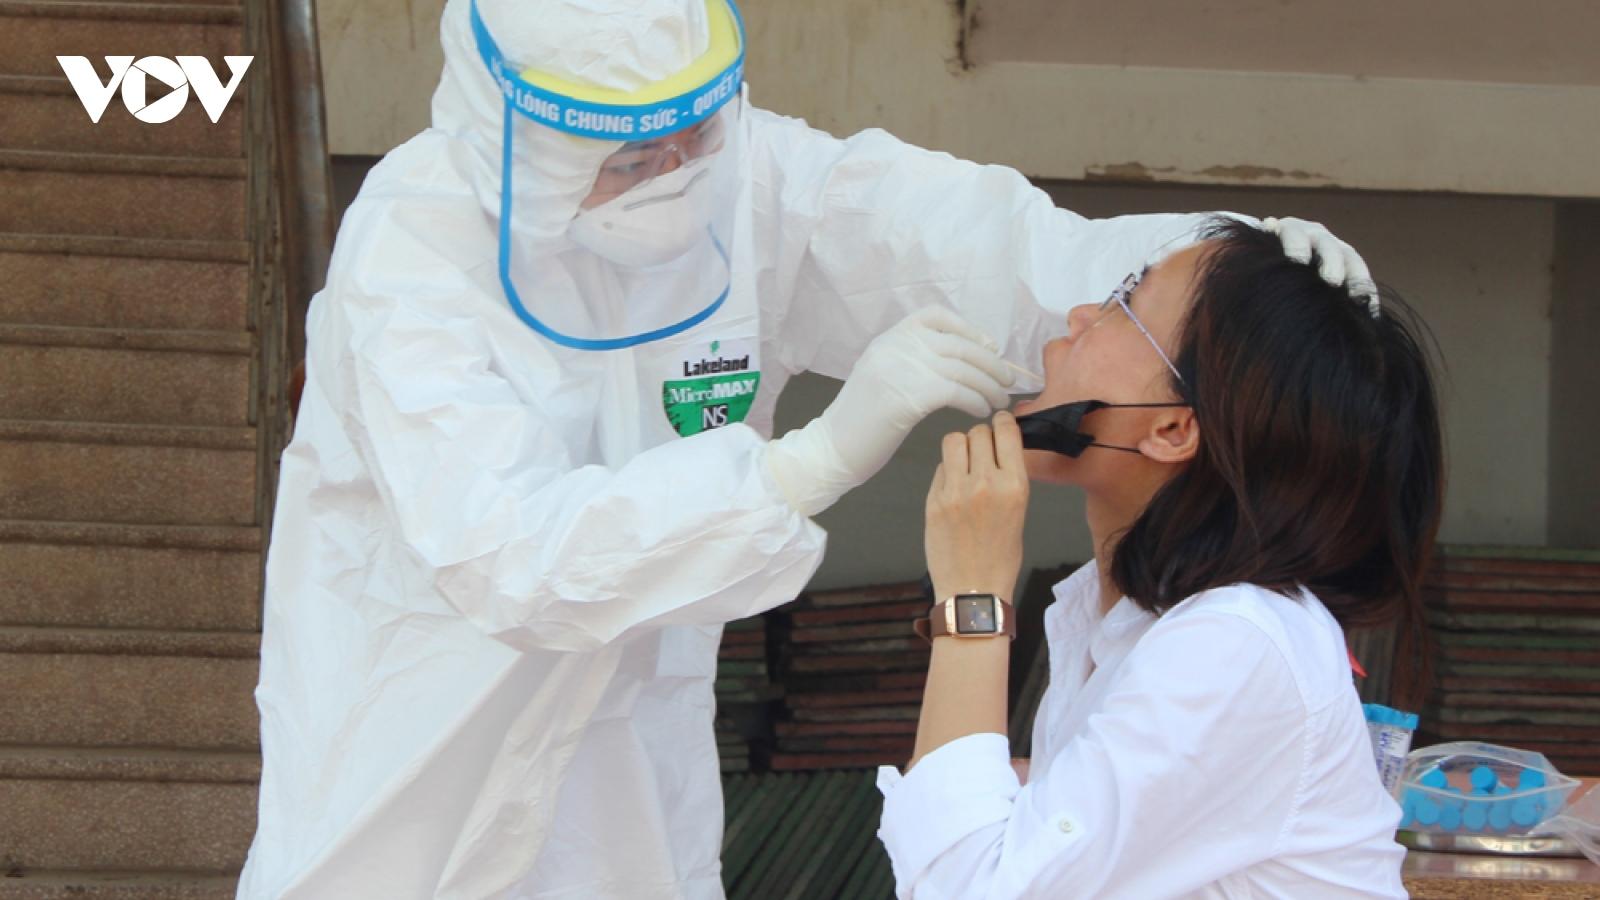 Chiều 11/4, thêm 1 ca nhập cảnh mắc COVID-19 được cách ly tại Kiên Giang